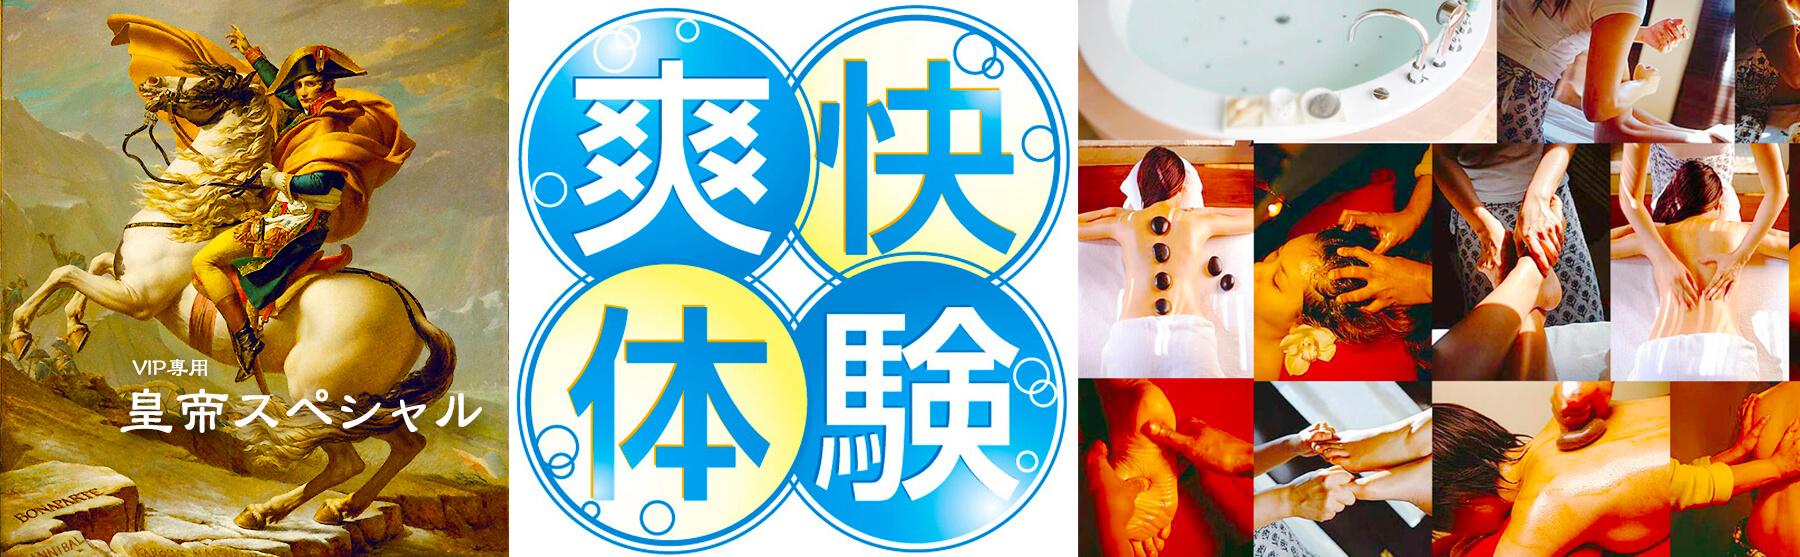 千葉県、船橋市や西船橋千葉市にも出張します!ご自宅でマッサージはいかがですか?